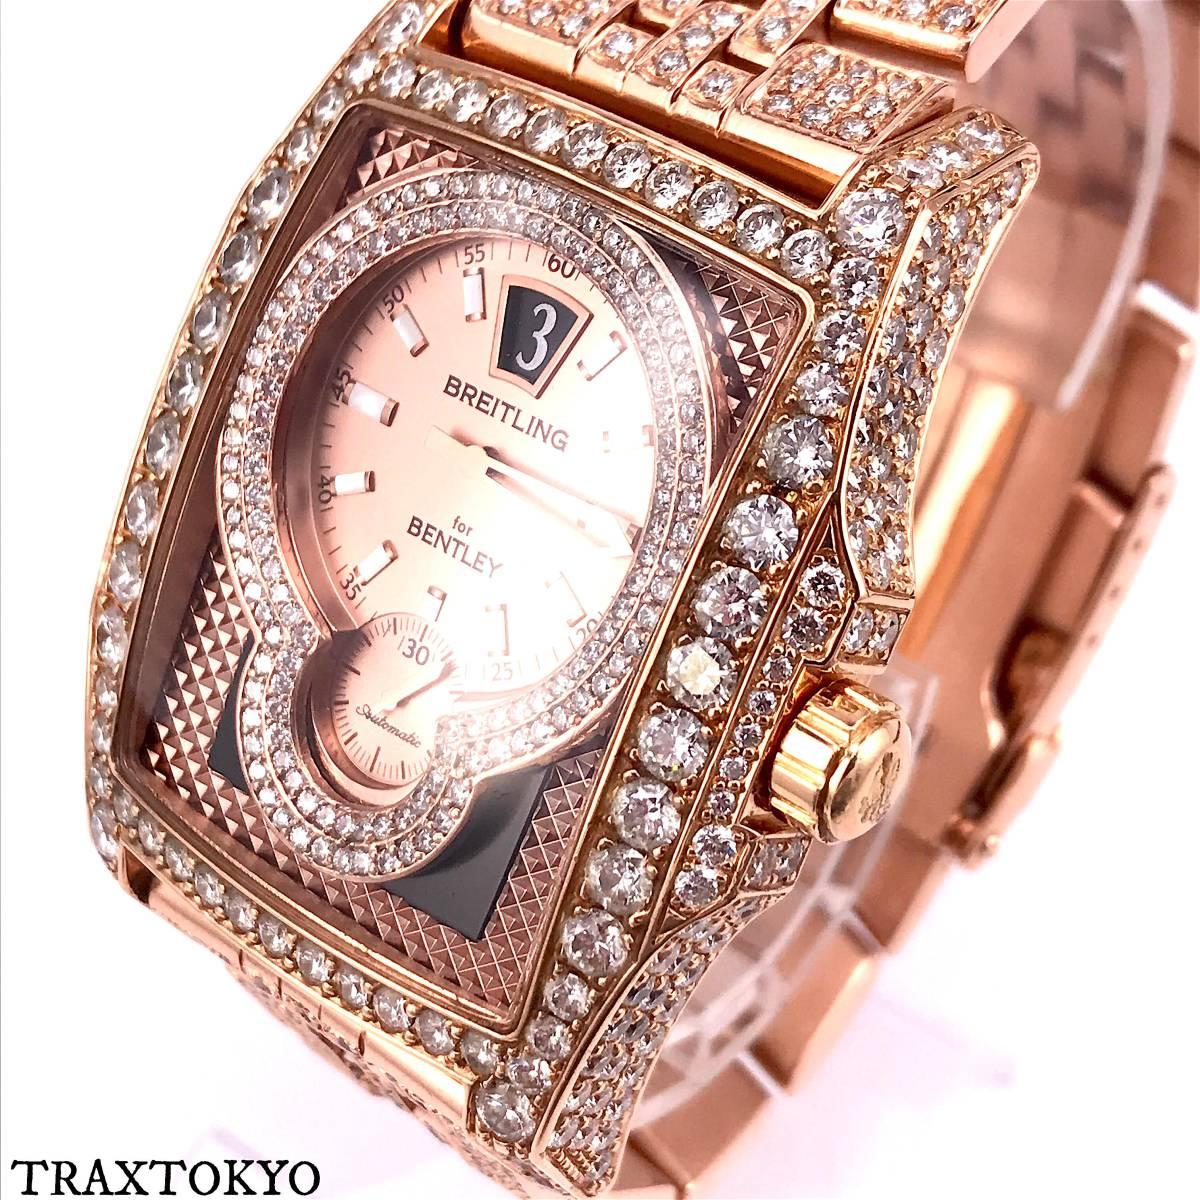 ブライトリング BREITLING ベントレー フライングB R28362 ピンクゴールド ダイヤモンド 美品 メンズ traxtokyo_画像8